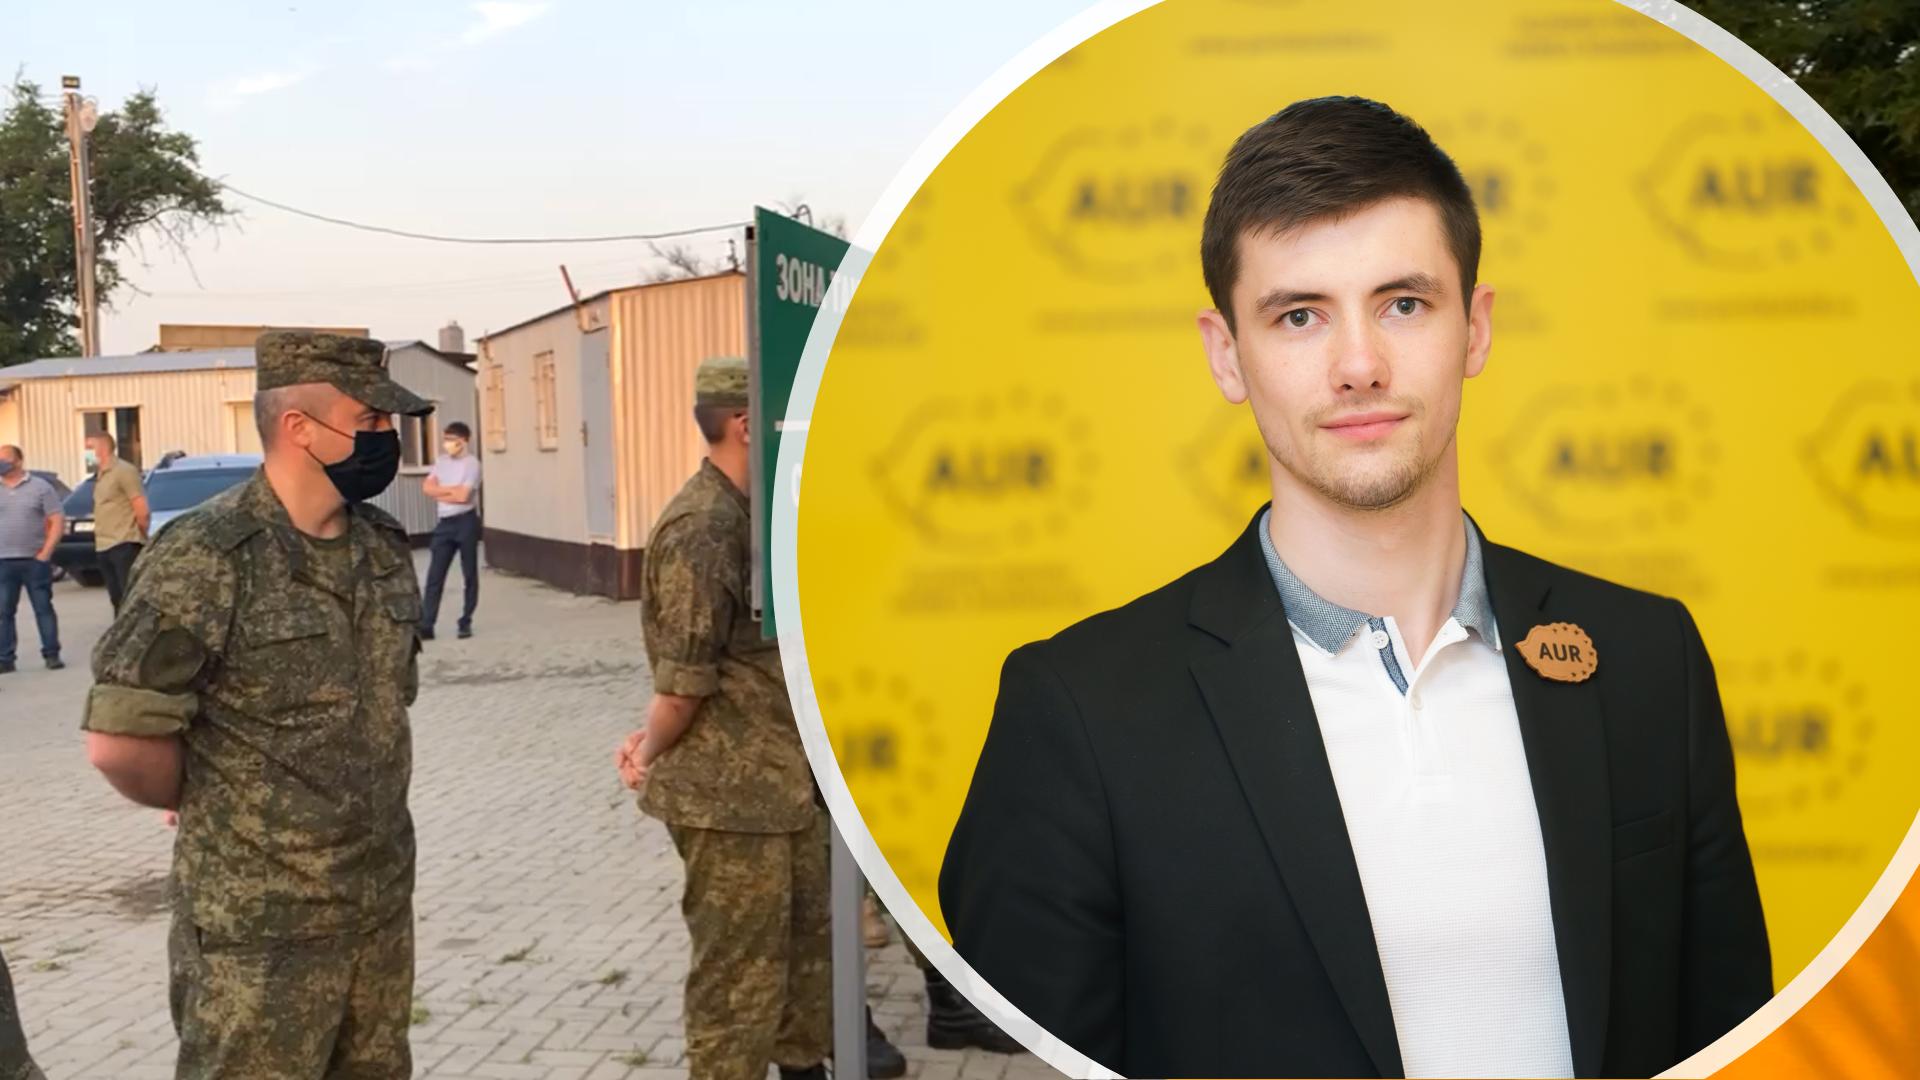 AUR e singurul partid ce se bate pentru românii din Transnistria: lecție dată Bucureștiului și Chișinăului